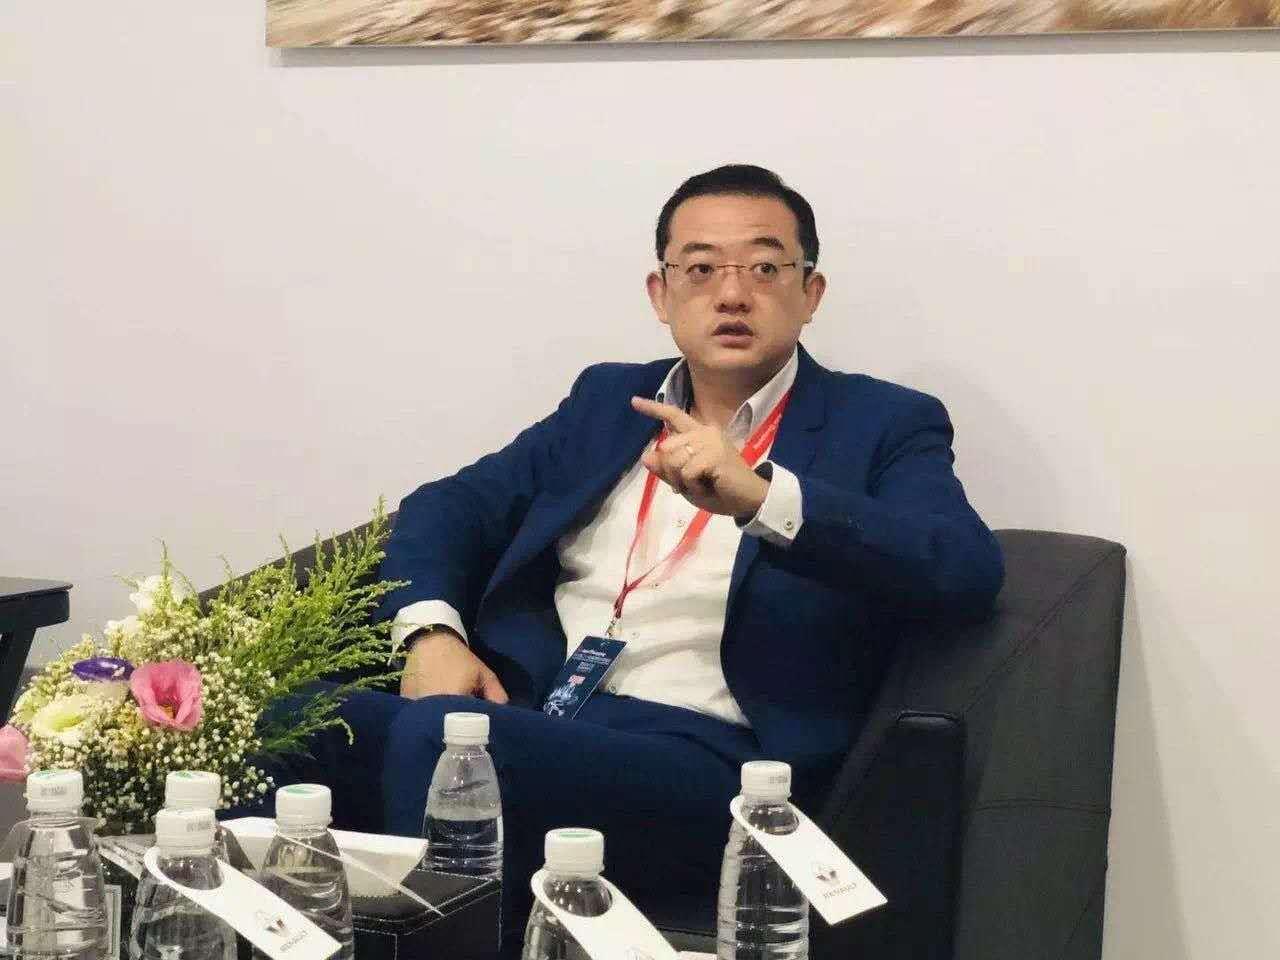 陈晓波升任长安福特销售副总裁 内部人士:正常人事变动和人才培养